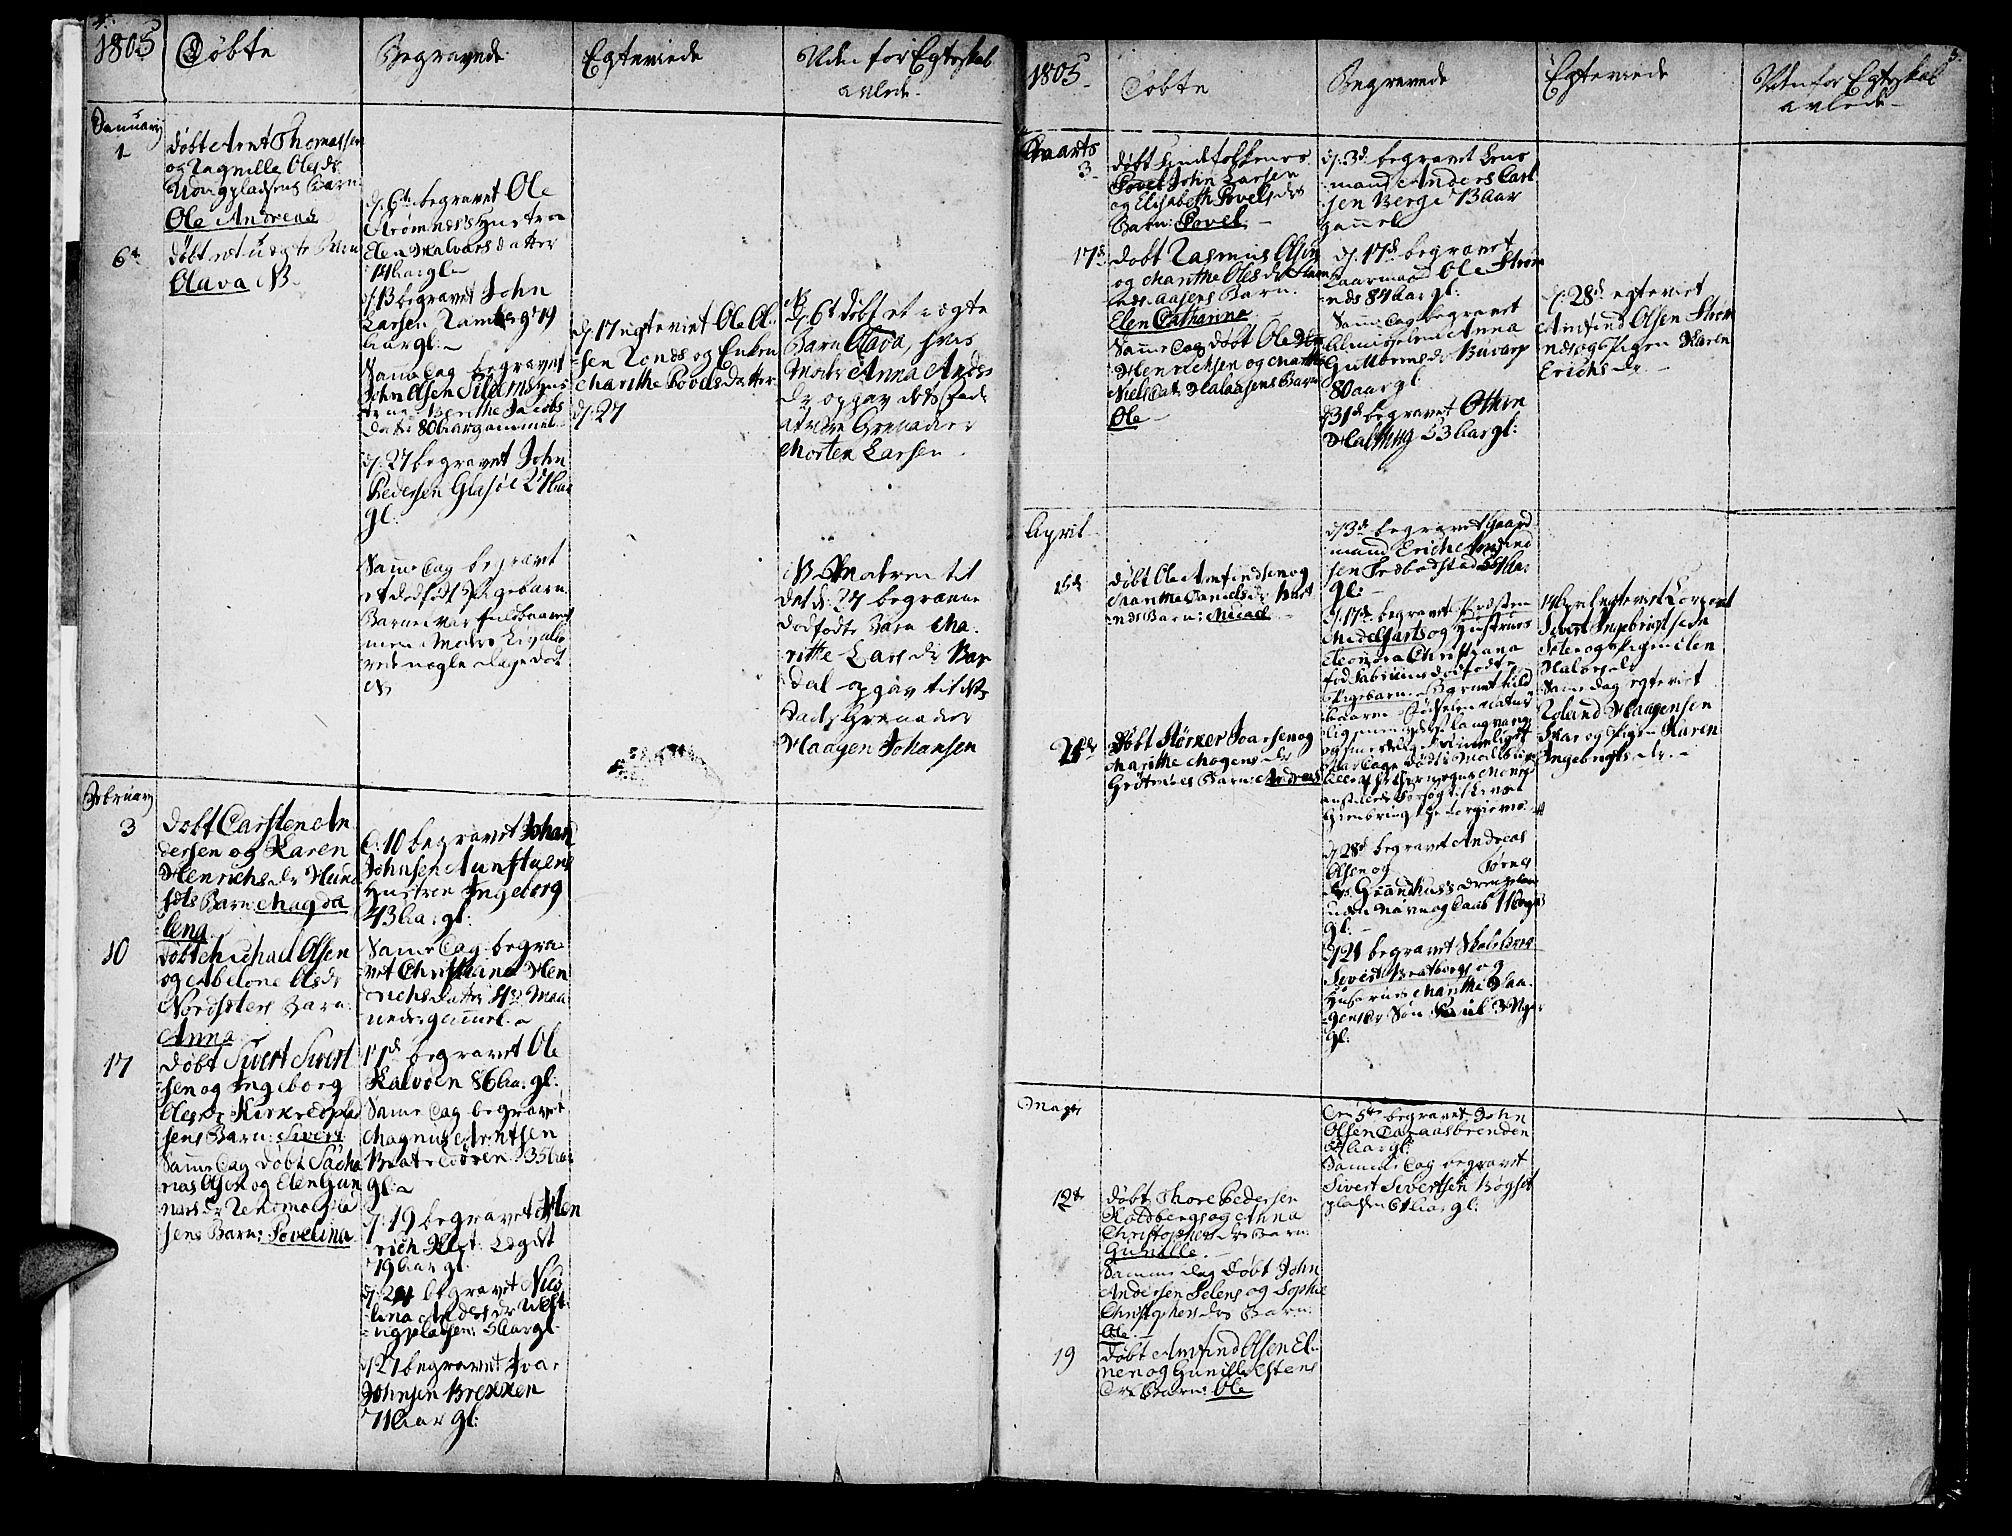 SAT, Ministerialprotokoller, klokkerbøker og fødselsregistre - Nord-Trøndelag, 741/L0386: Ministerialbok nr. 741A02, 1804-1816, s. 4-5